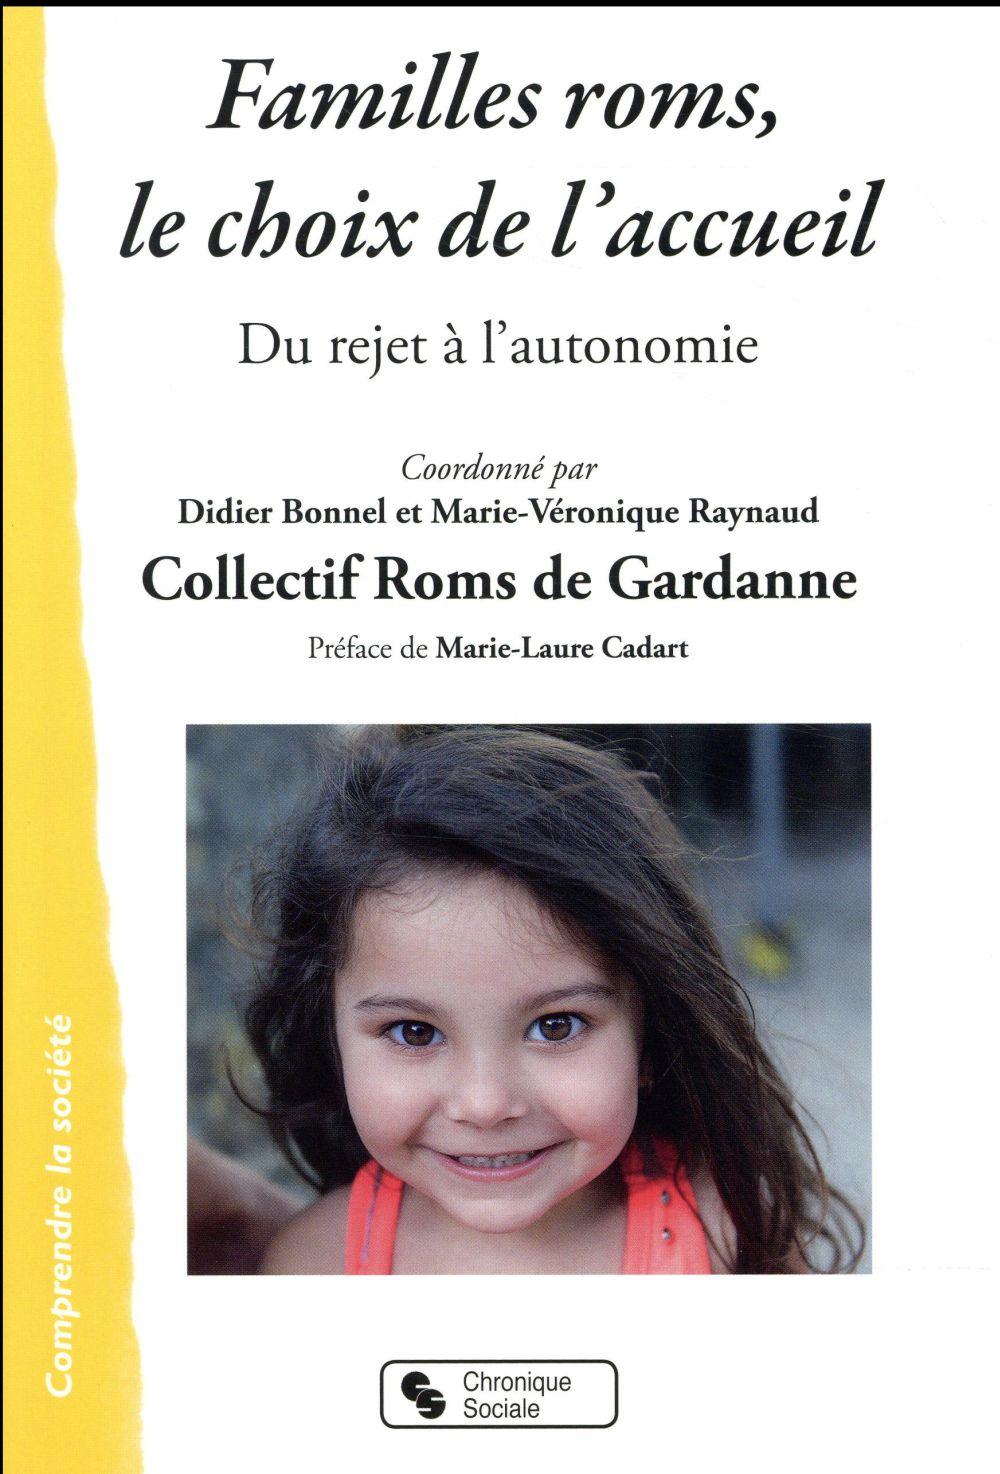 Familles roms, le choix de l'accueil ; du rejet à l'autonomie